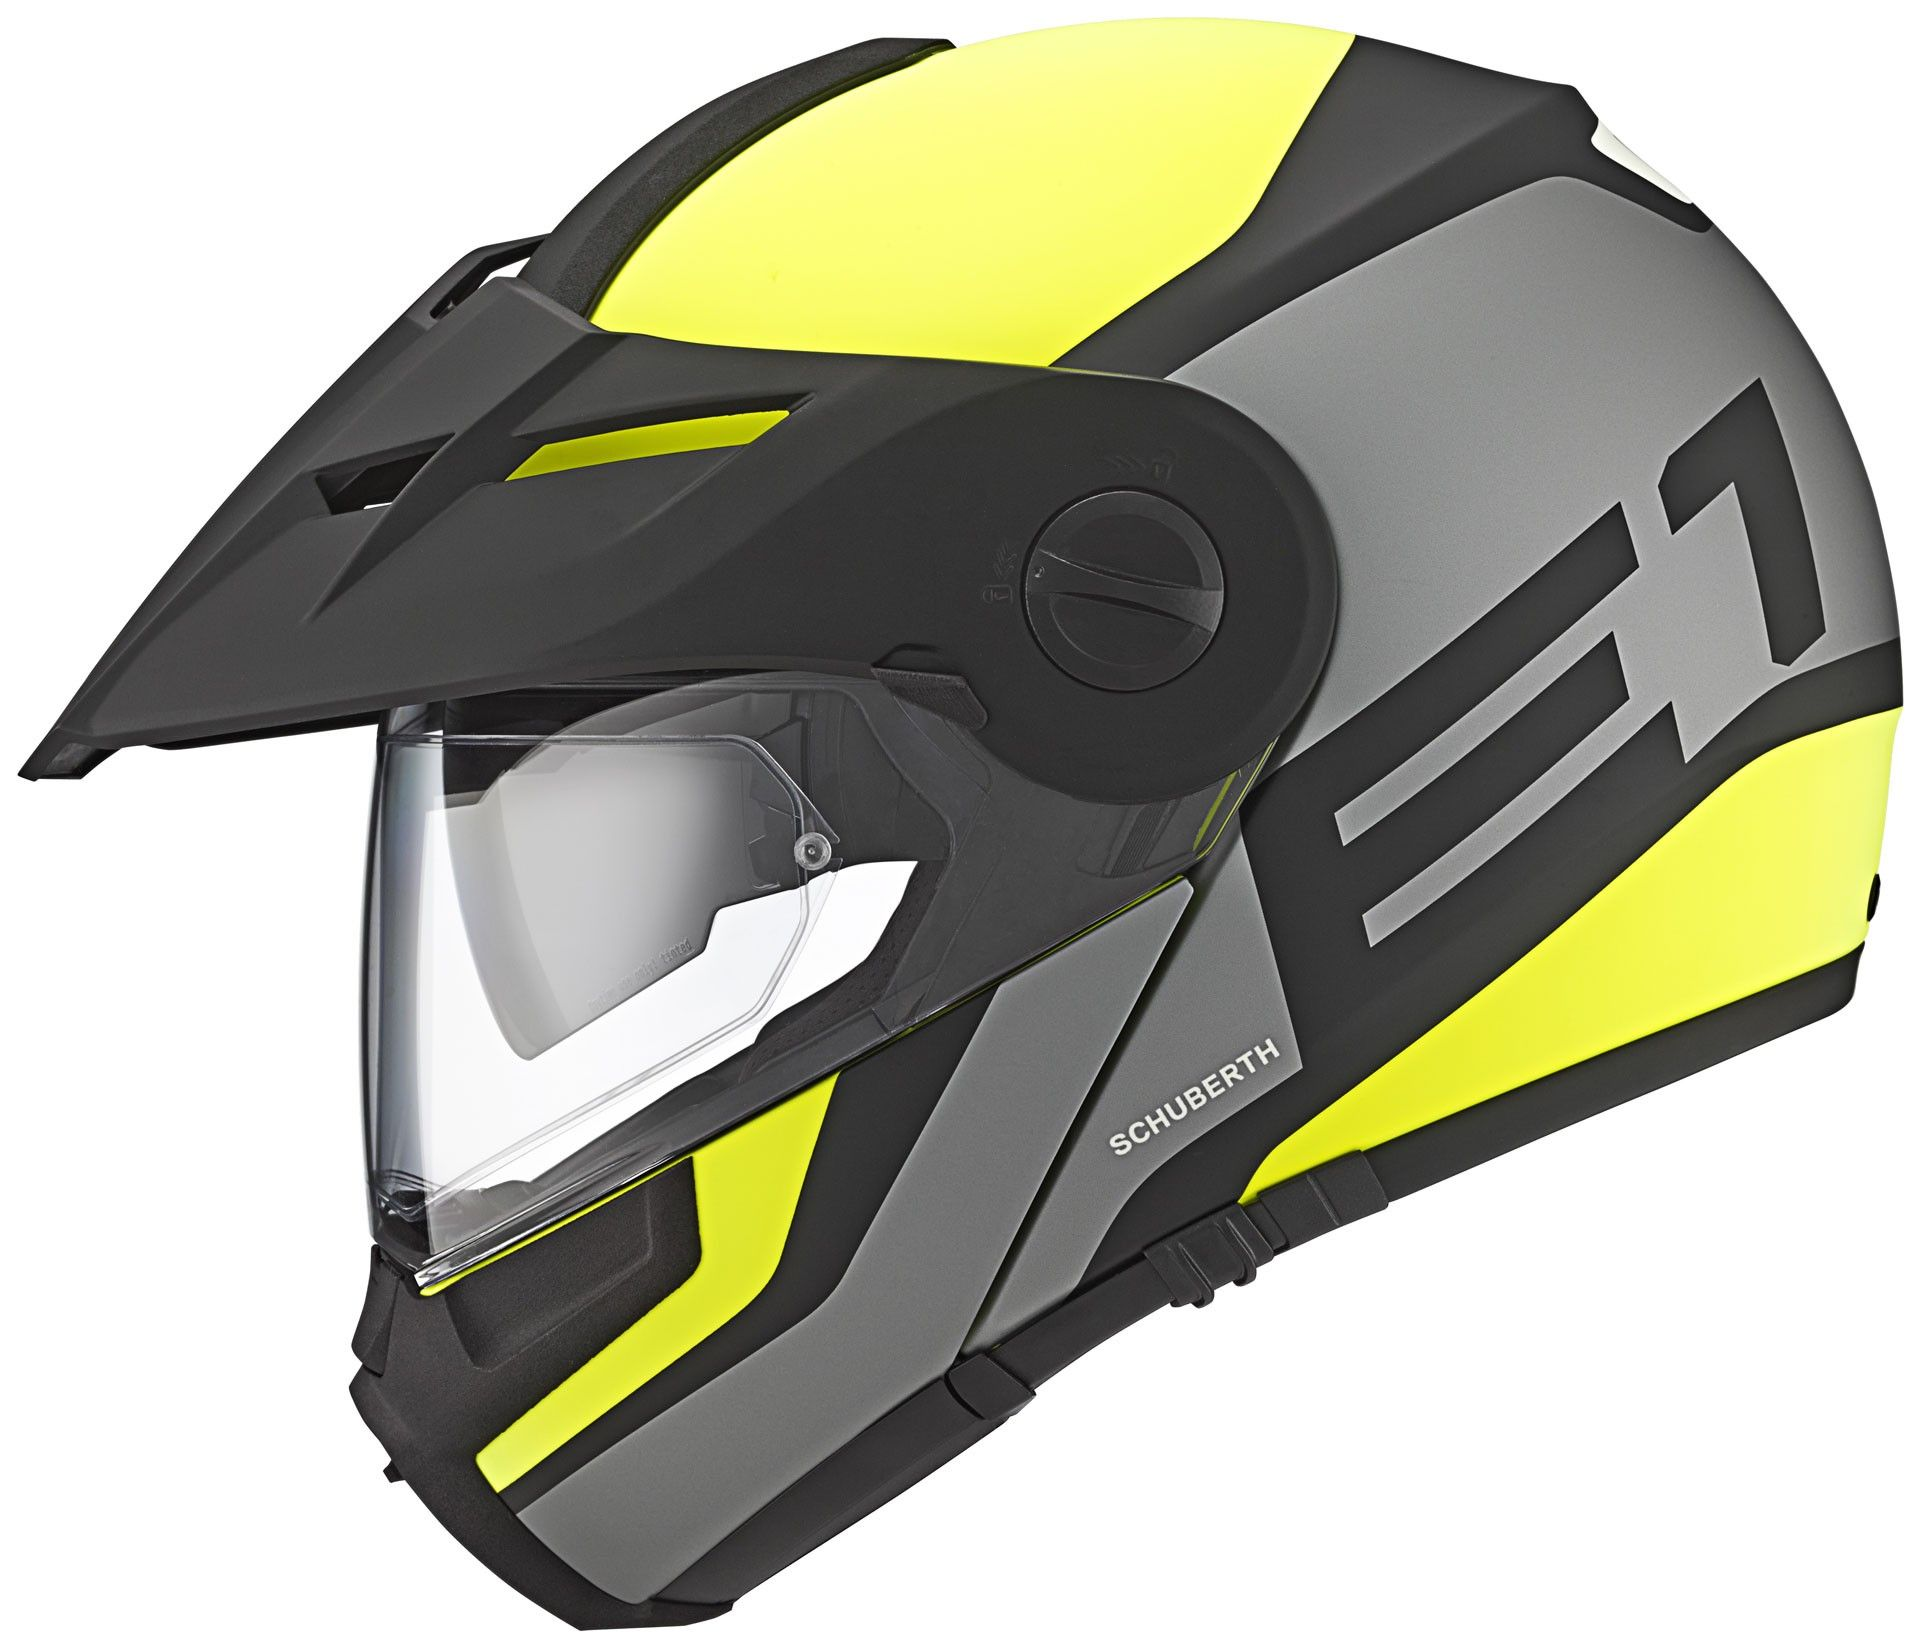 Schuberth E1 Guardian Helmet Motorcycle helmets, Helmet